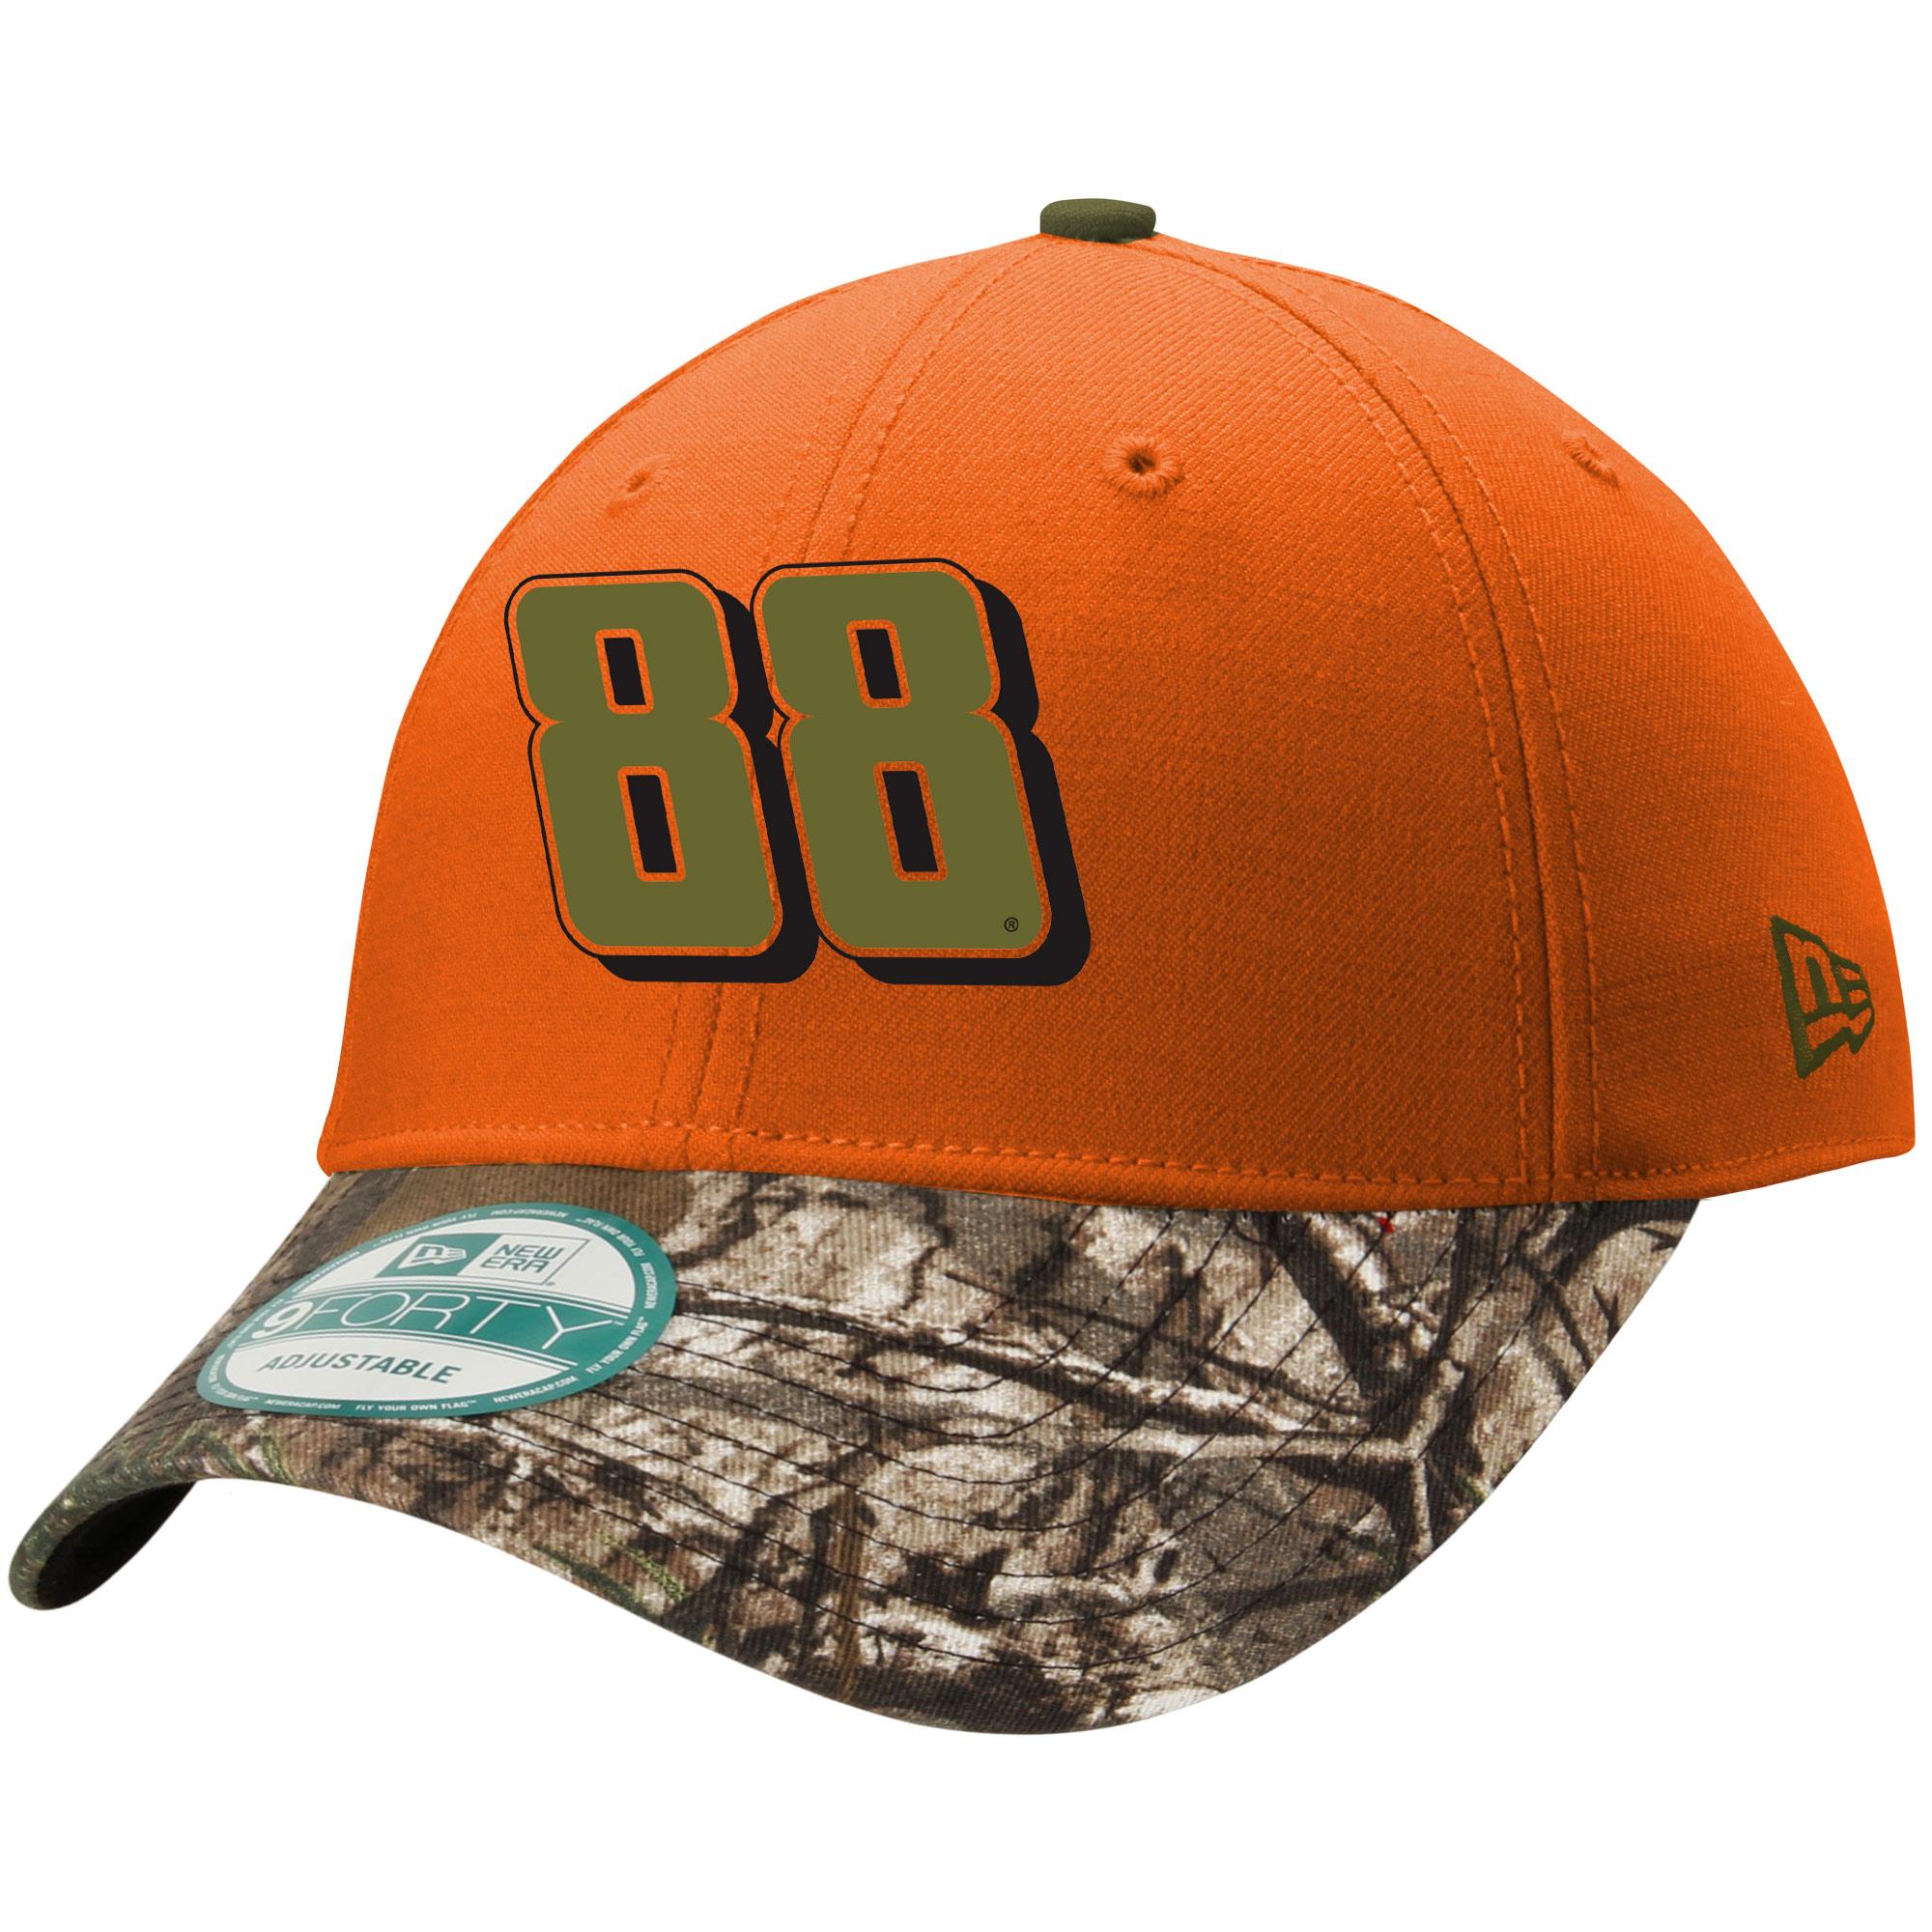 Dale Earnhardt Jr. New Era Safety Orange 9FORTY Adjustable Hat - Orange - OSFA